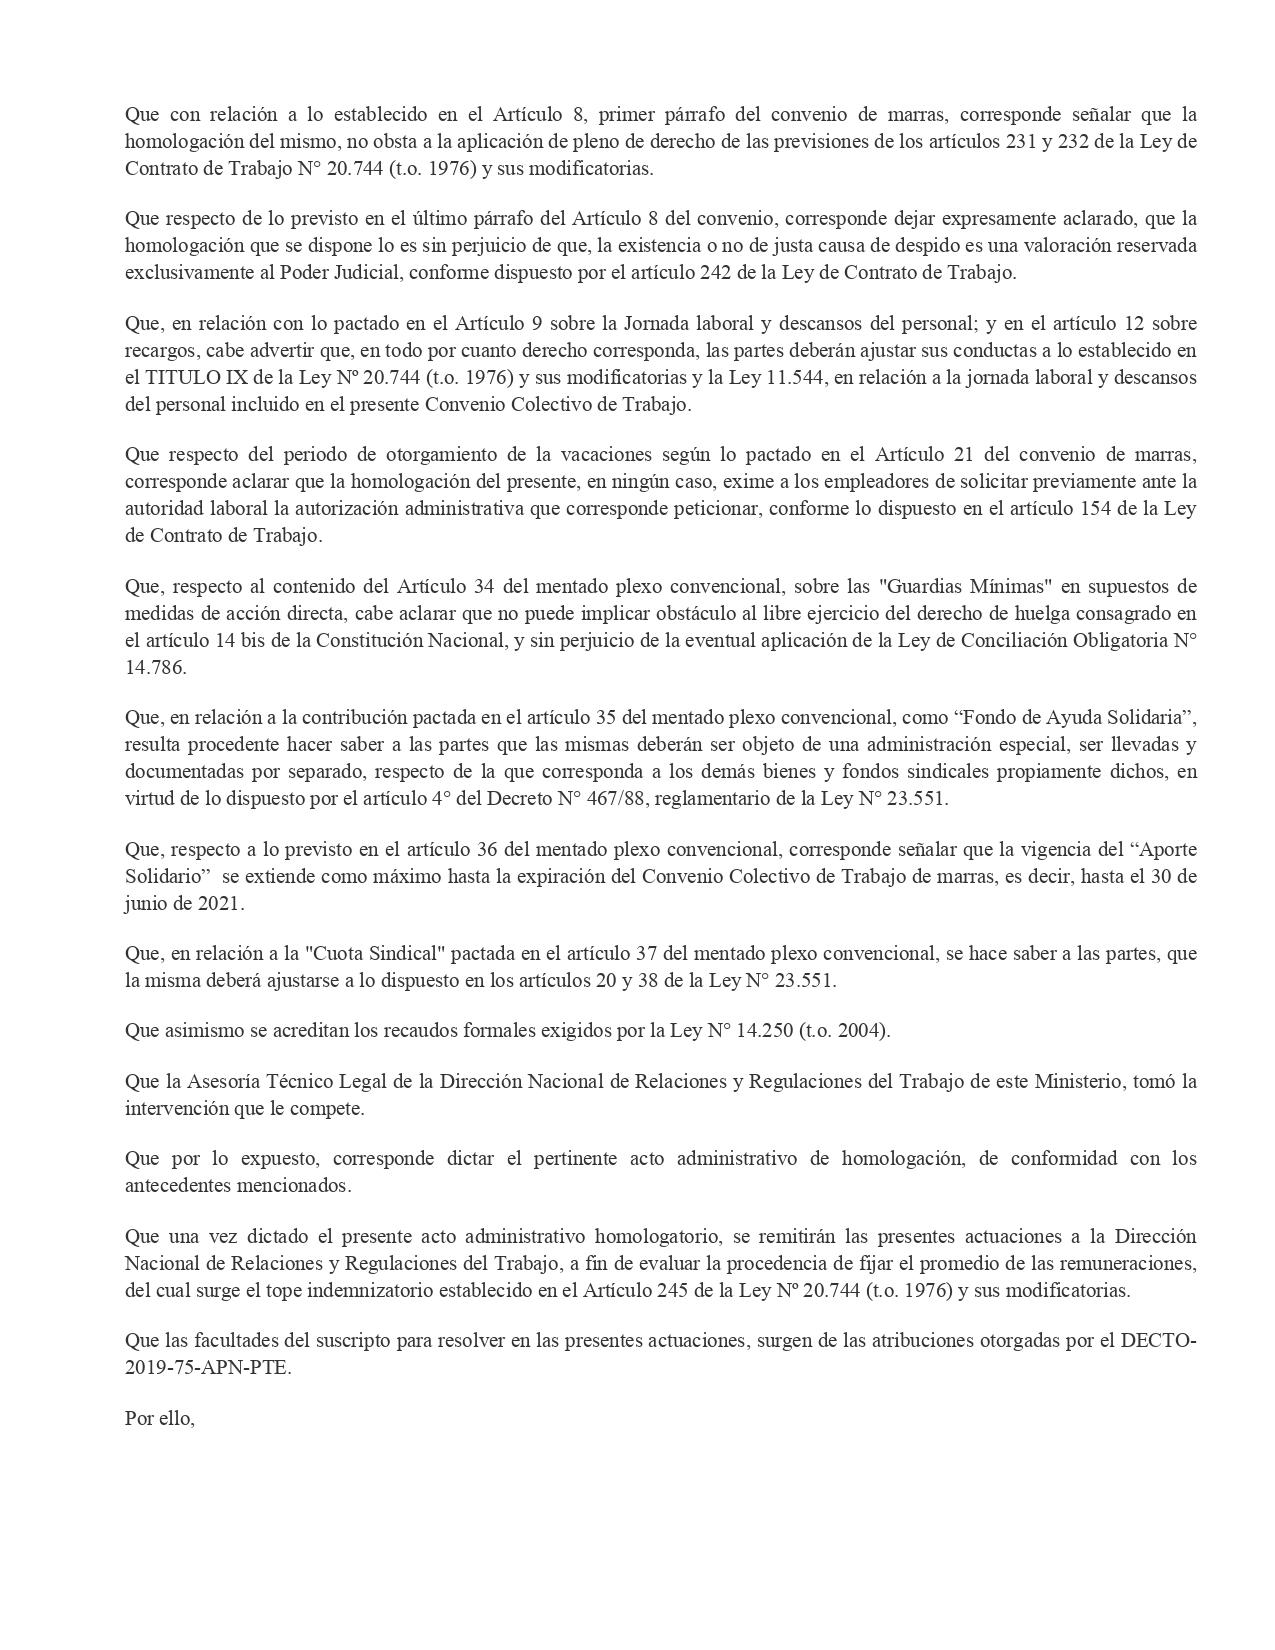 Unión Personal de Seguridad Privada Y Afines de la Patagonia Central (UPSAP) & CAESI